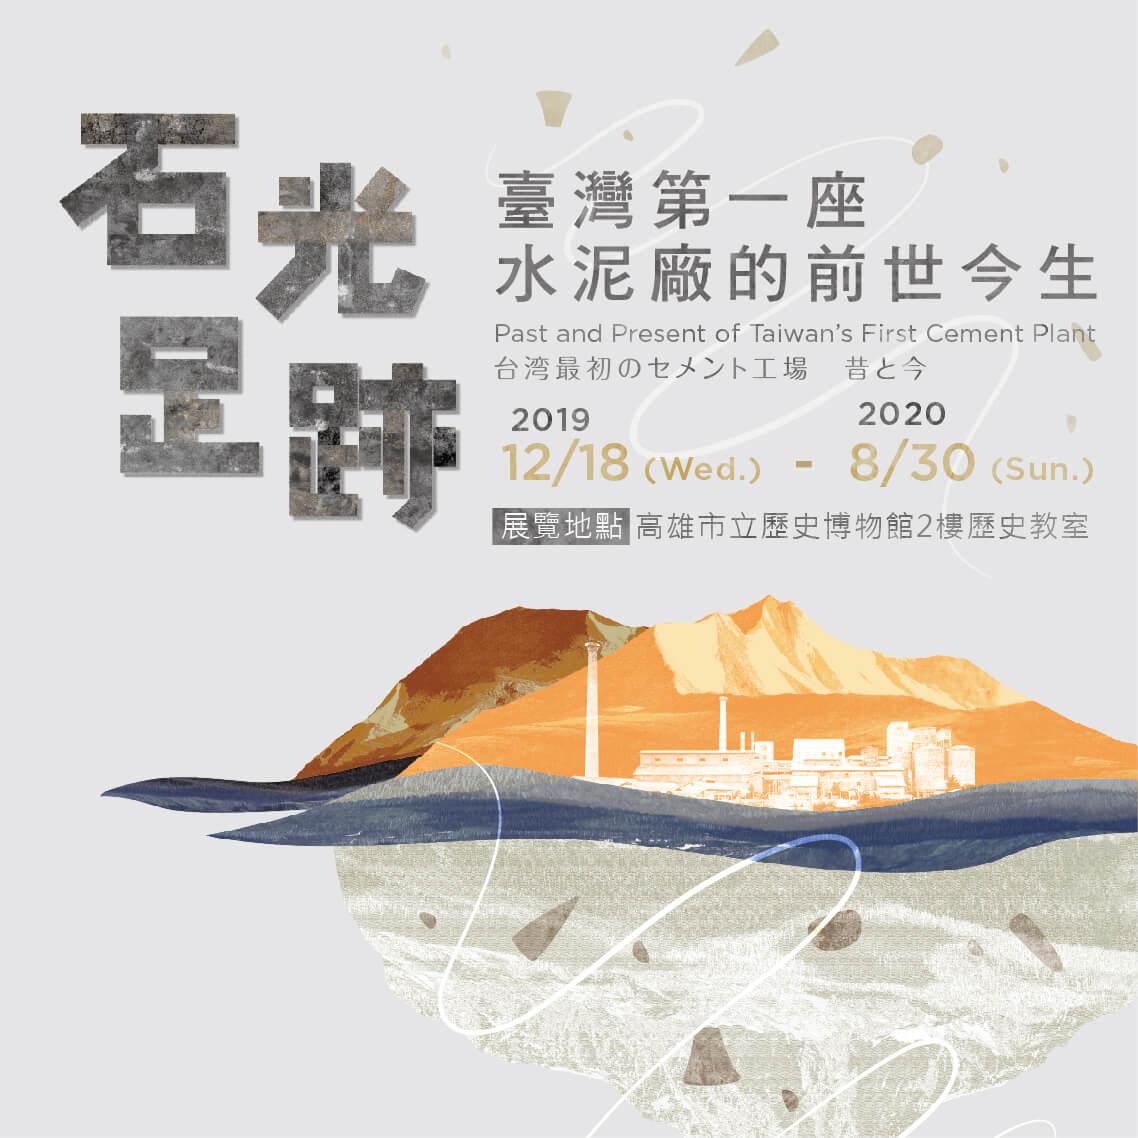 石光足跡—臺灣第一座水泥廠的前世今生